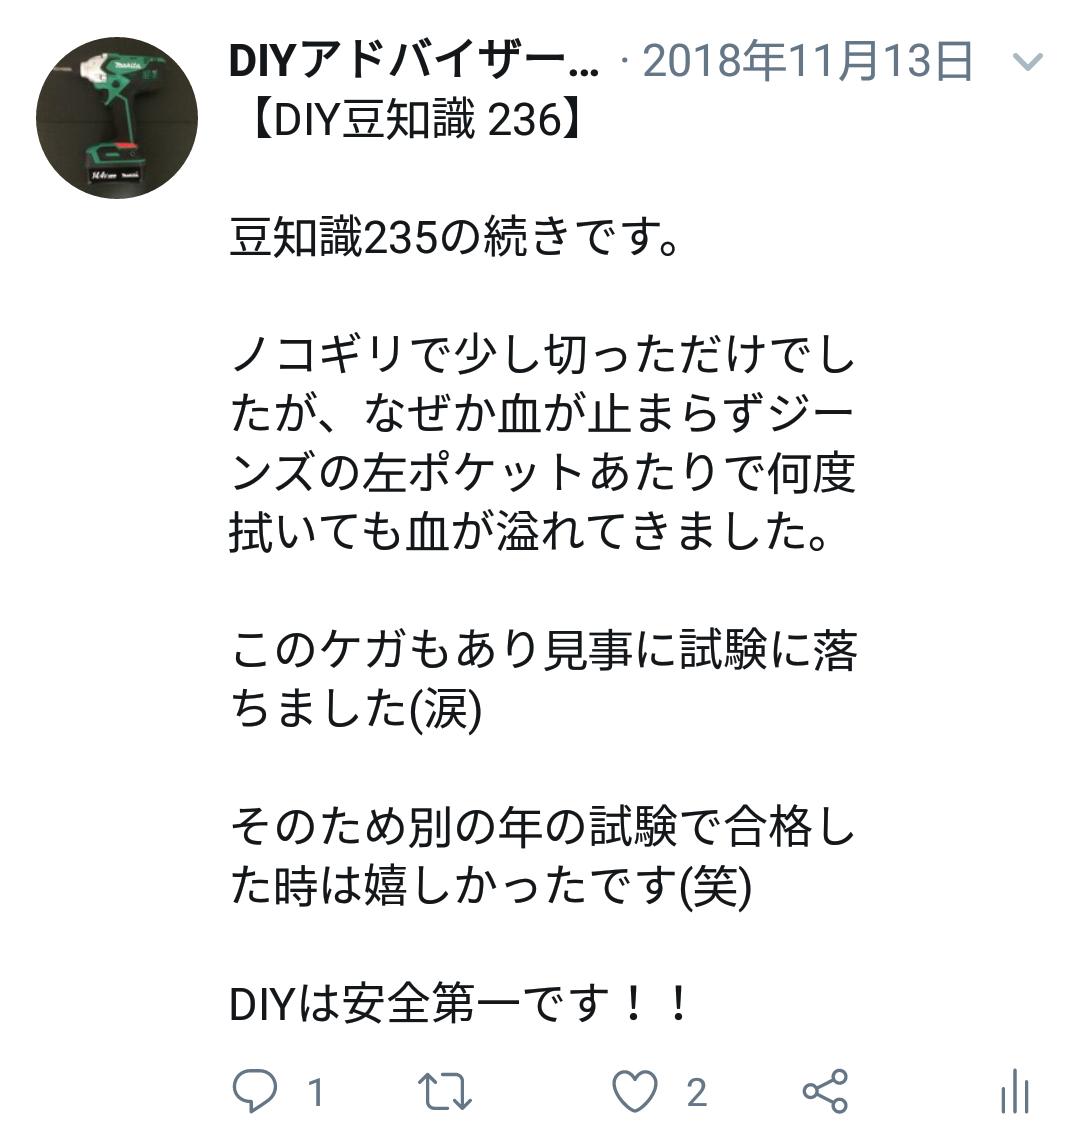 f:id:DIY33:20190408204658p:plain